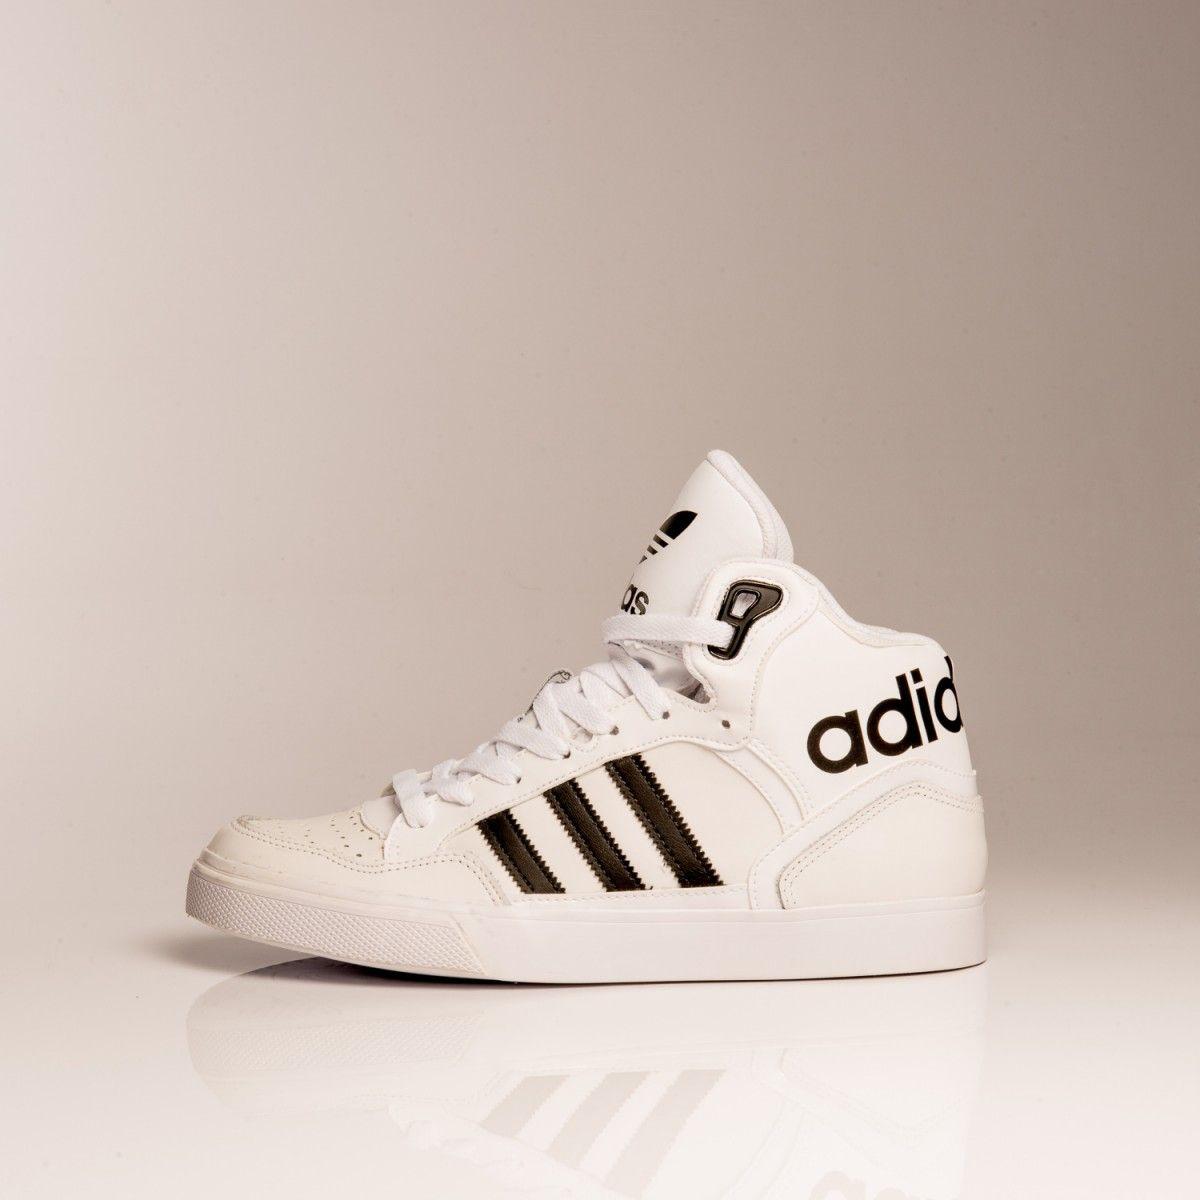 BOTAS ADIDAS EXTABALL W RUN - Adidas - Marca  73371e3400099